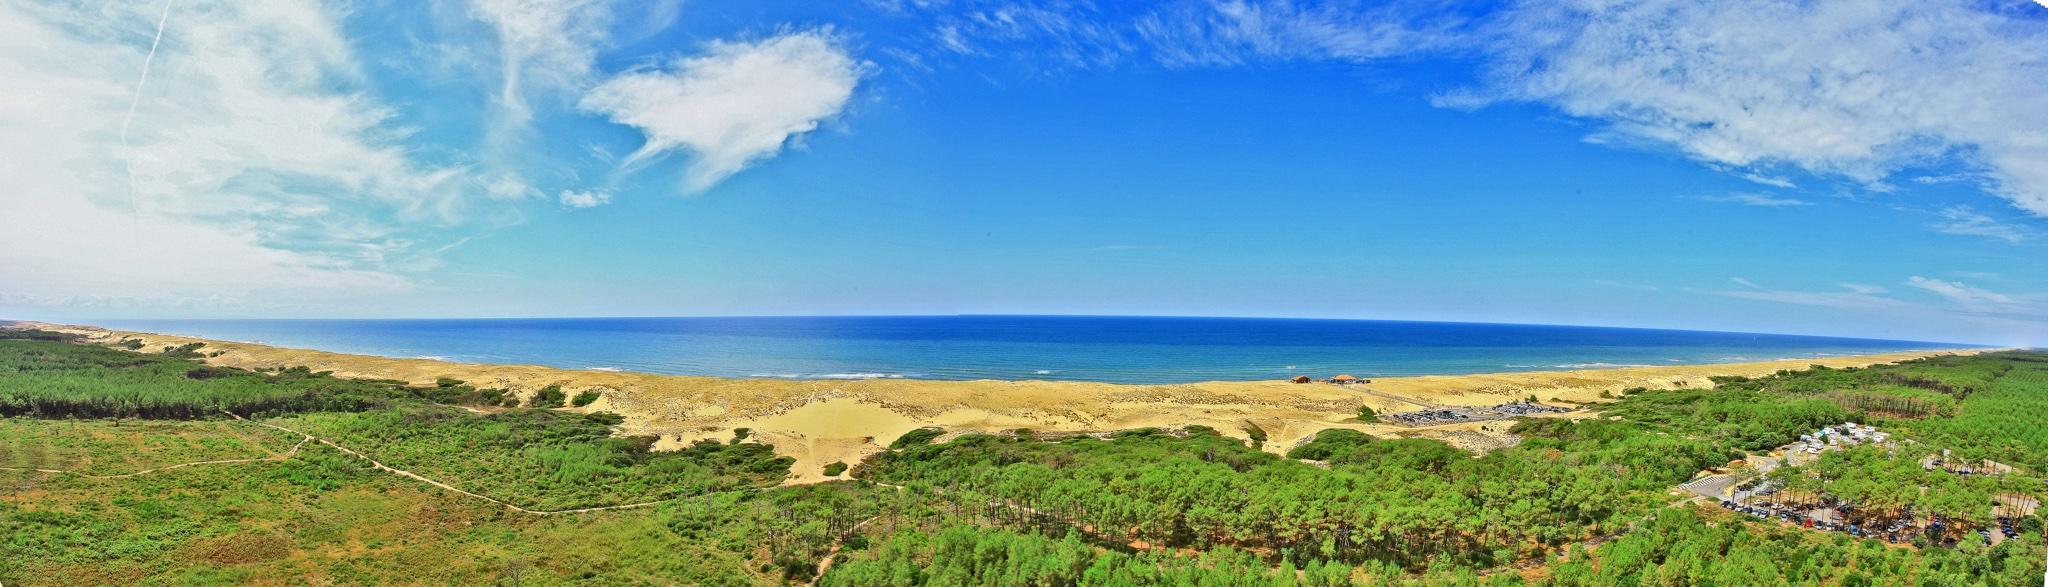 Messanges, océan de nature dans les Landes